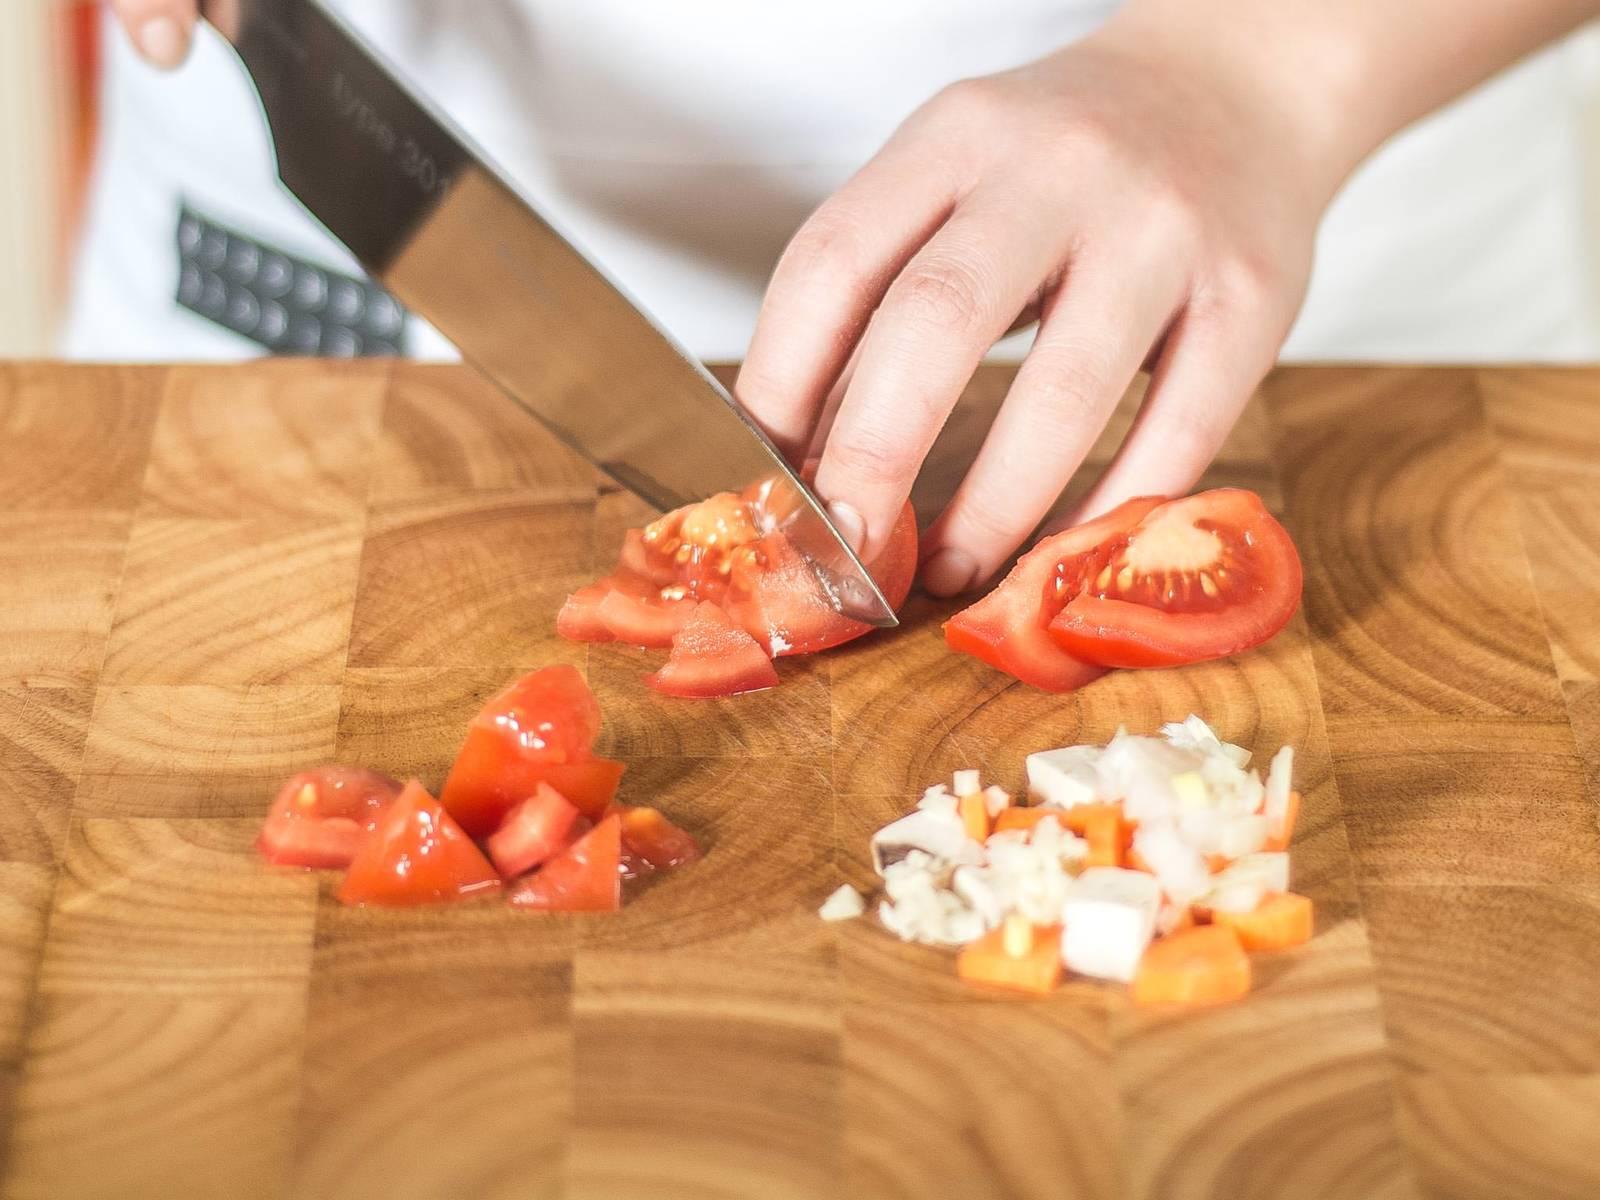 Für die Soße eine Zwiebel, eine halbe Knoblauchzehe, Champignons, Tomaten und die Karotte würfeln.